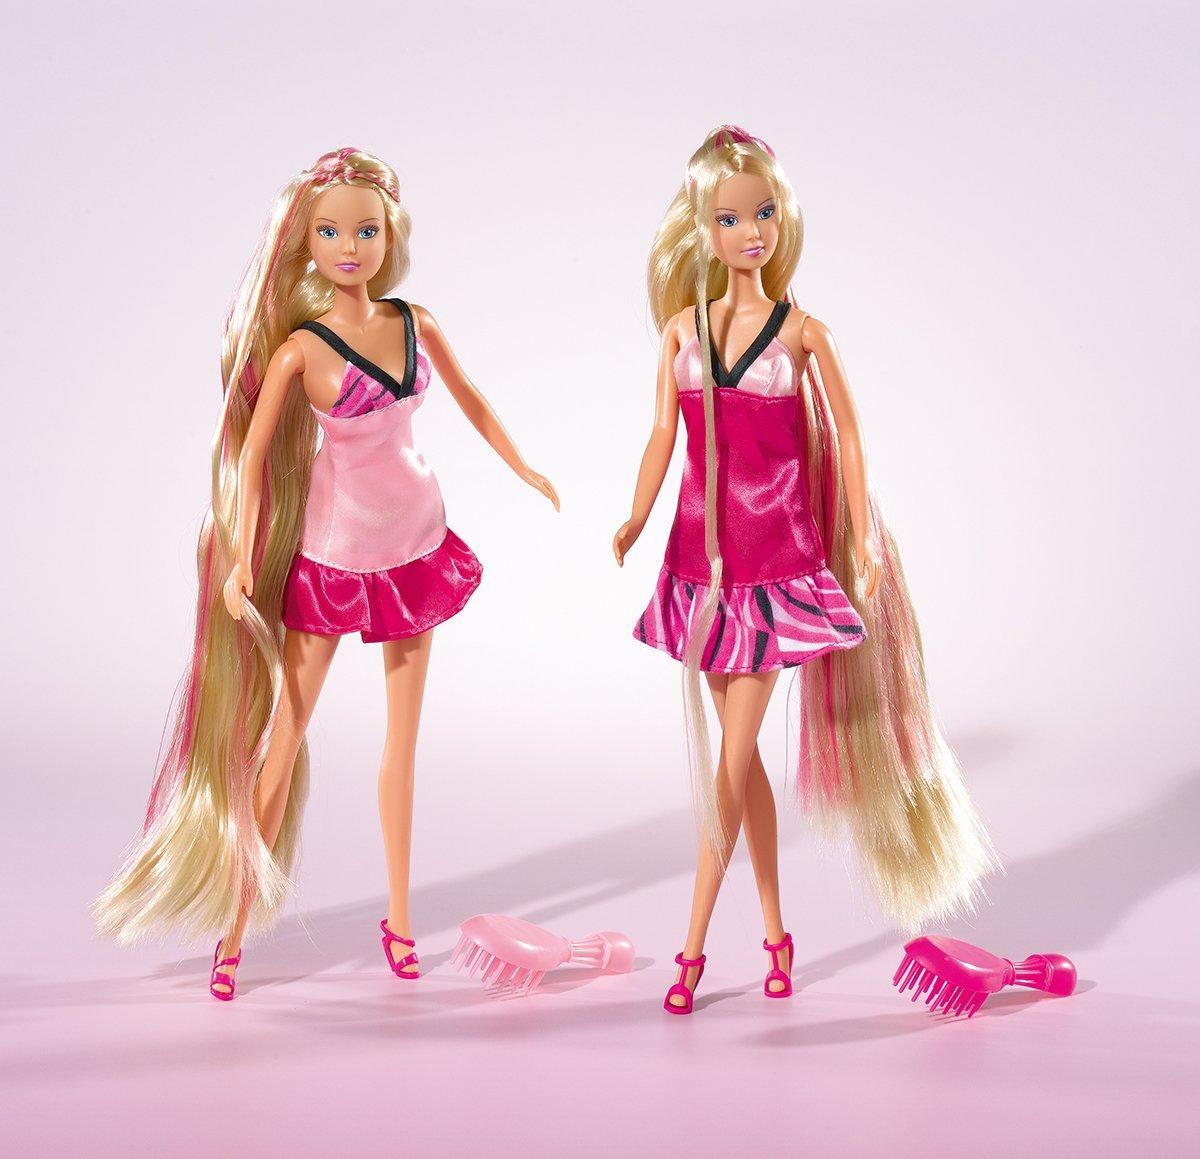 Купить Кукла Штеффи-супер длинные волосы, 2 вида, Simba